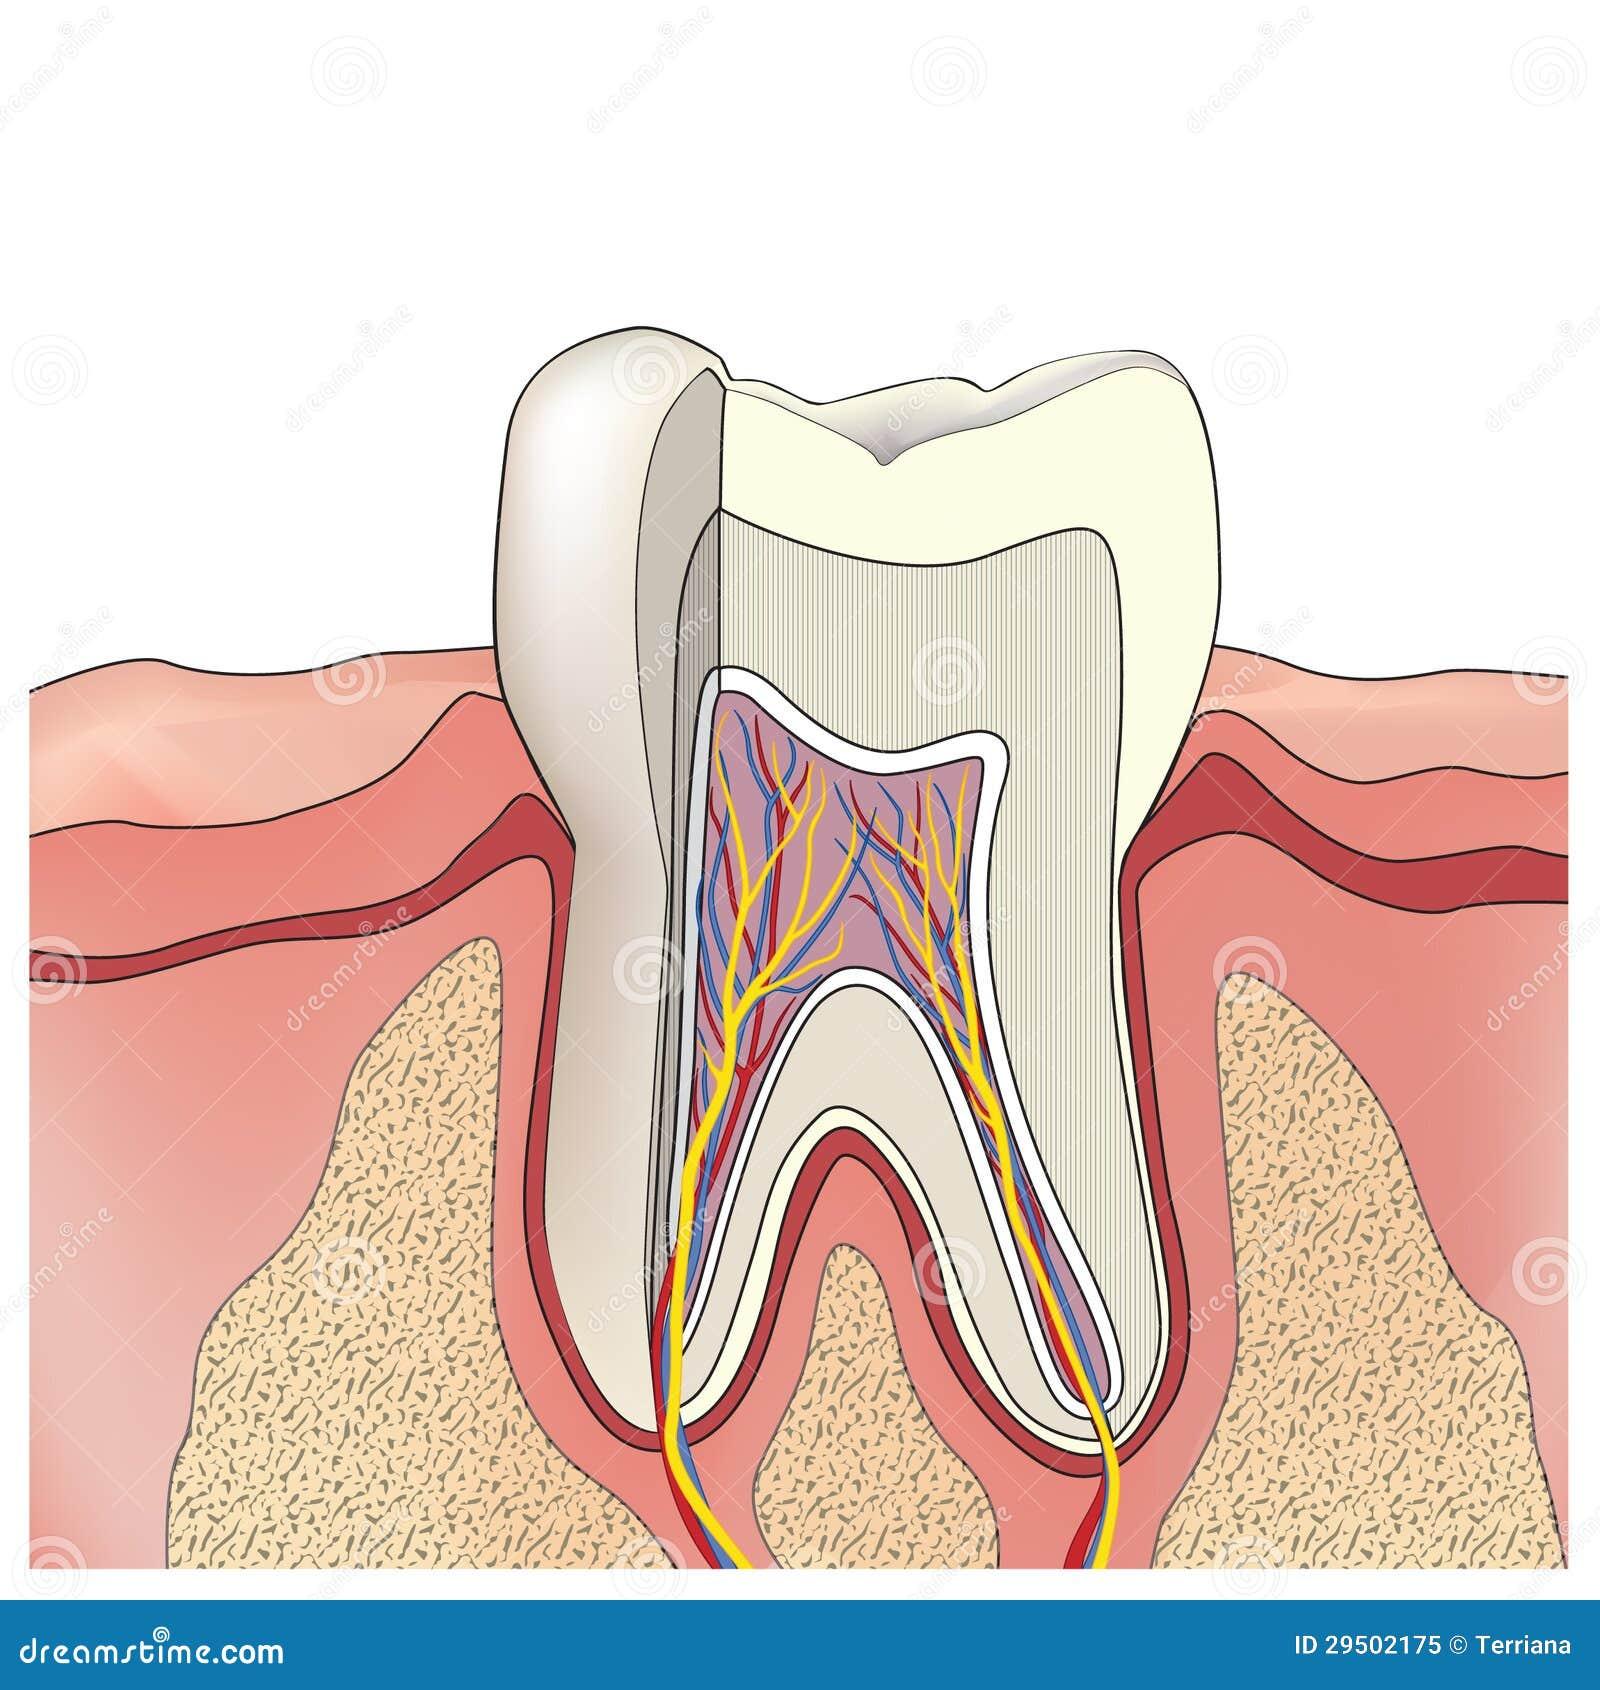 De anatomie van de tand. Vector illustratie.